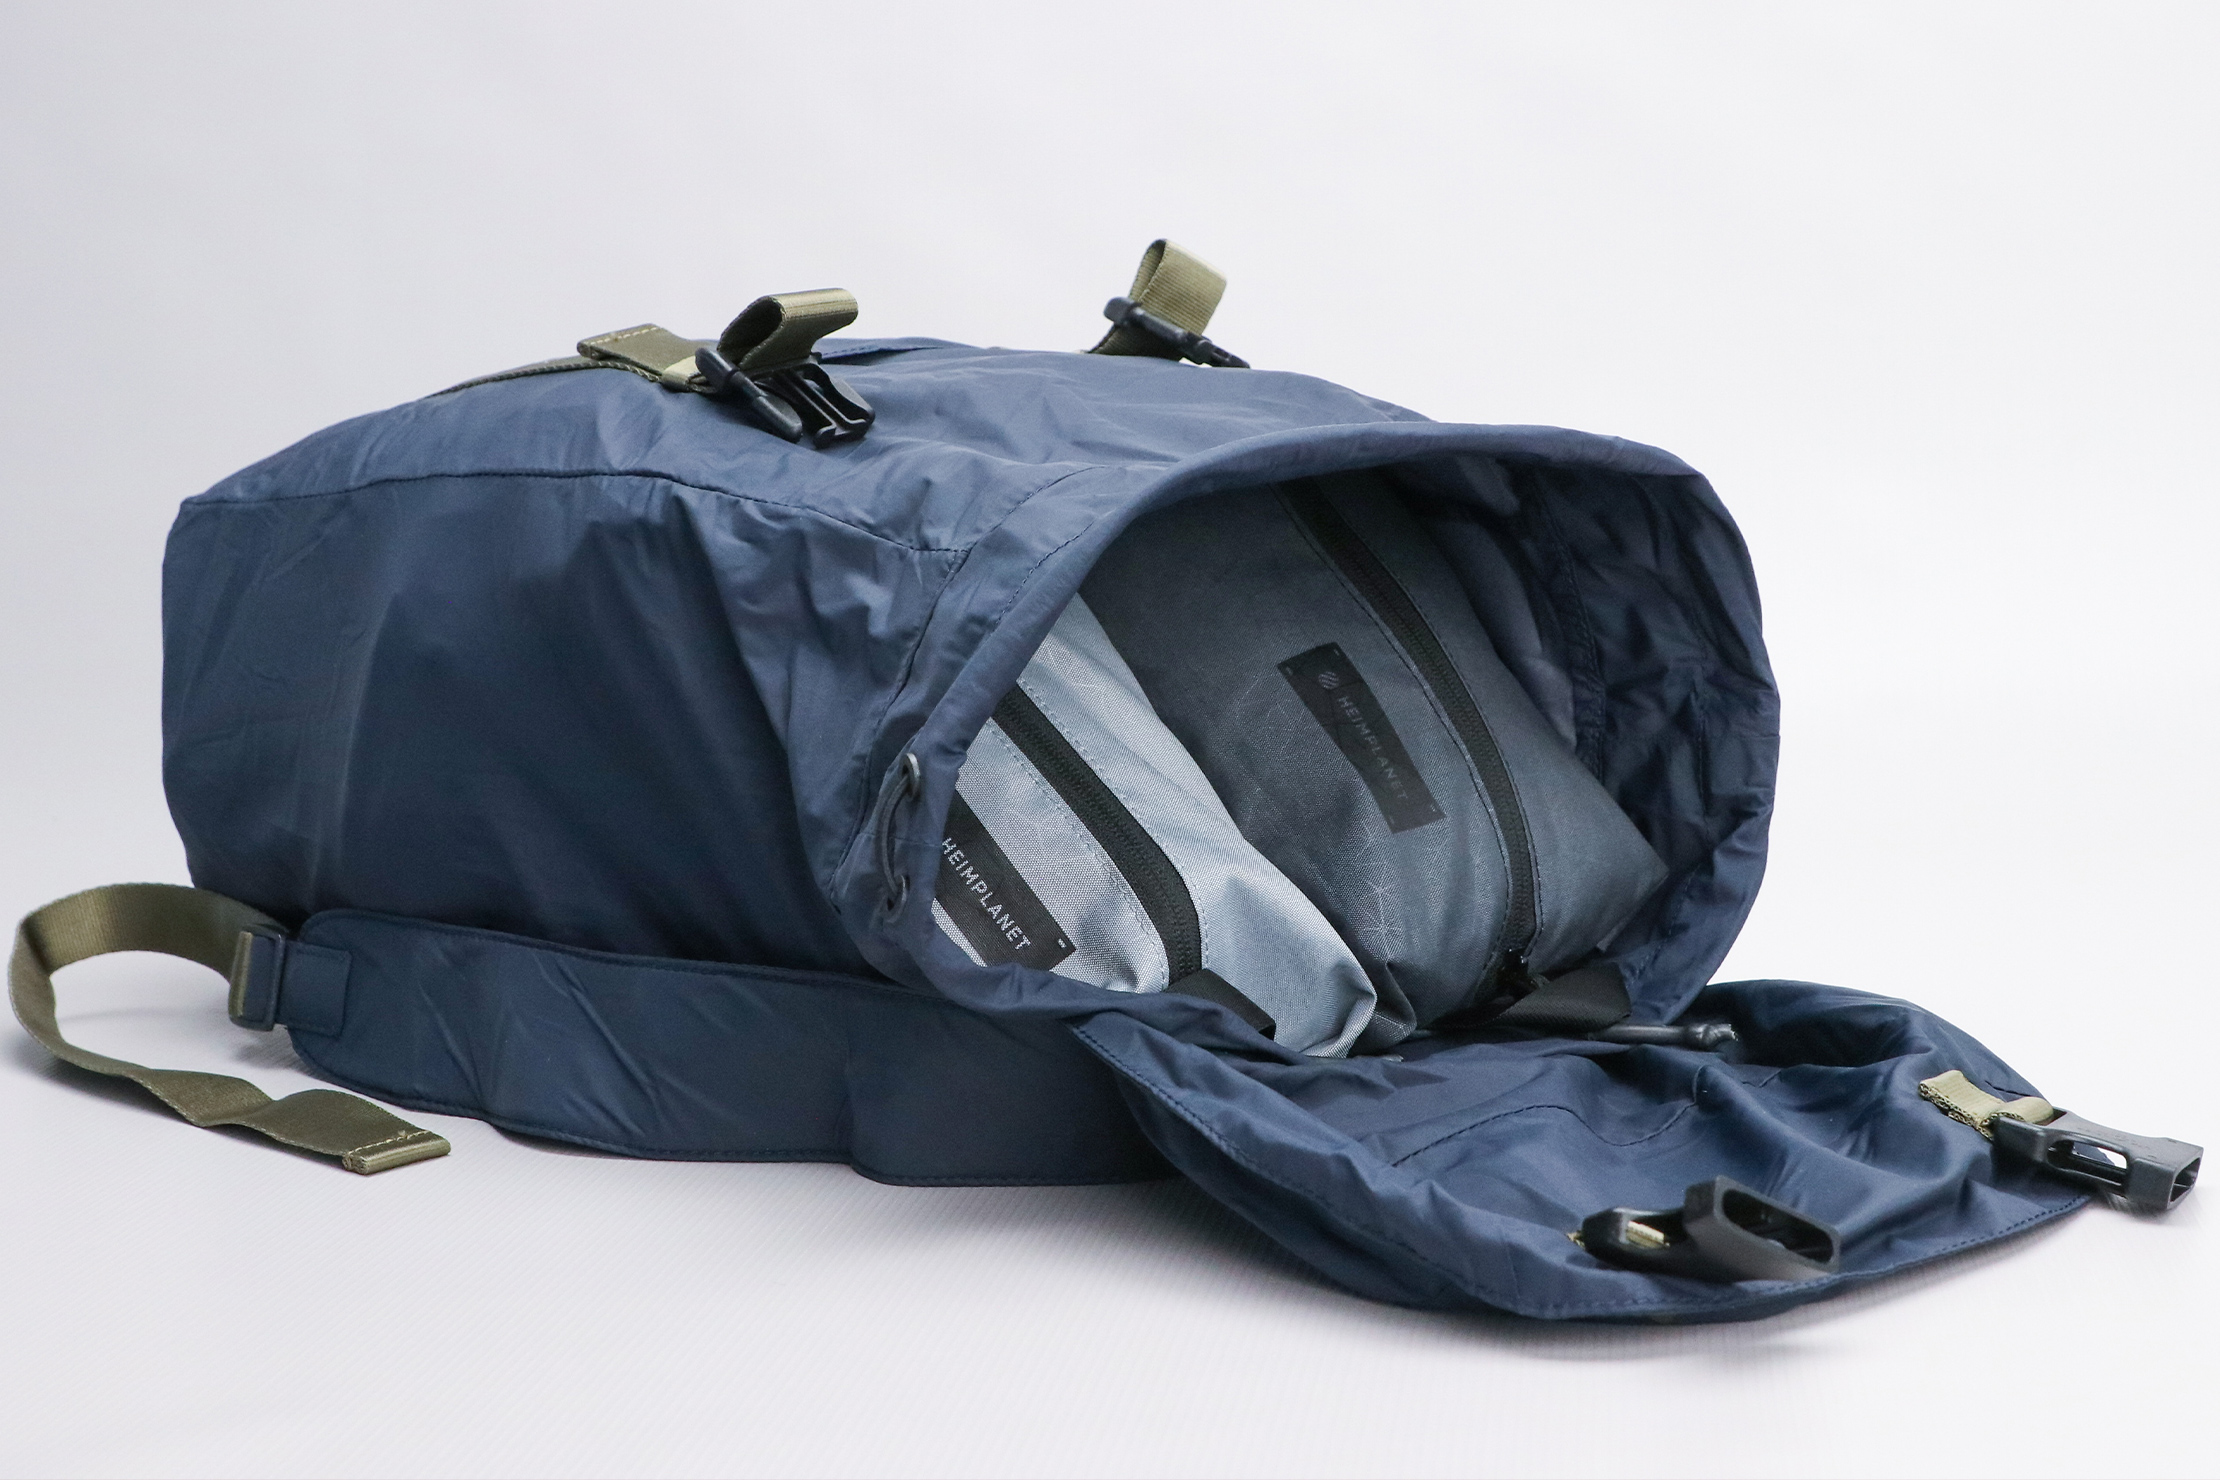 Away Packable Backpack Opened Indoor